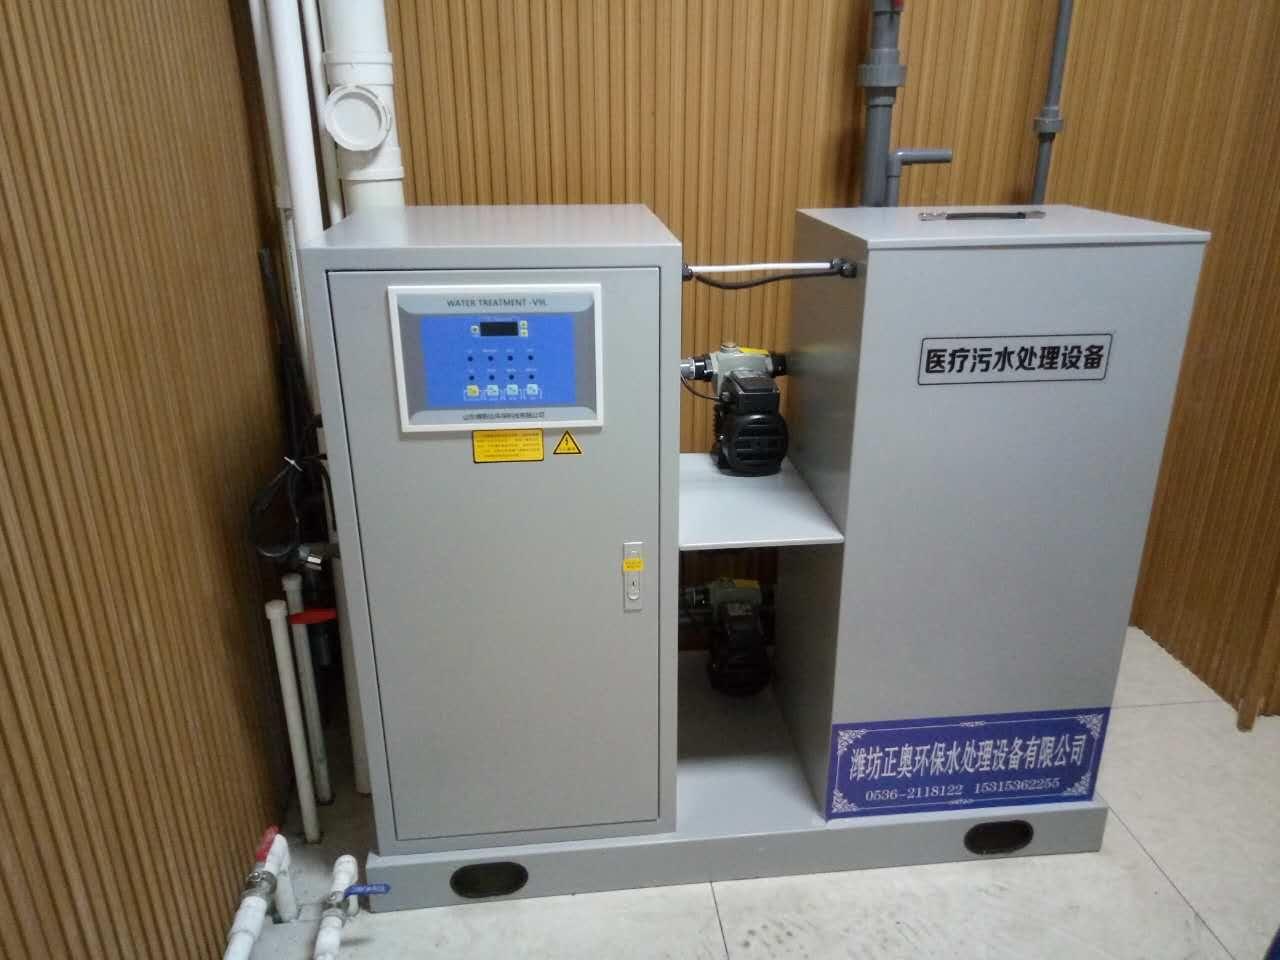 衢州体检中心污水处理设备卫生局认可